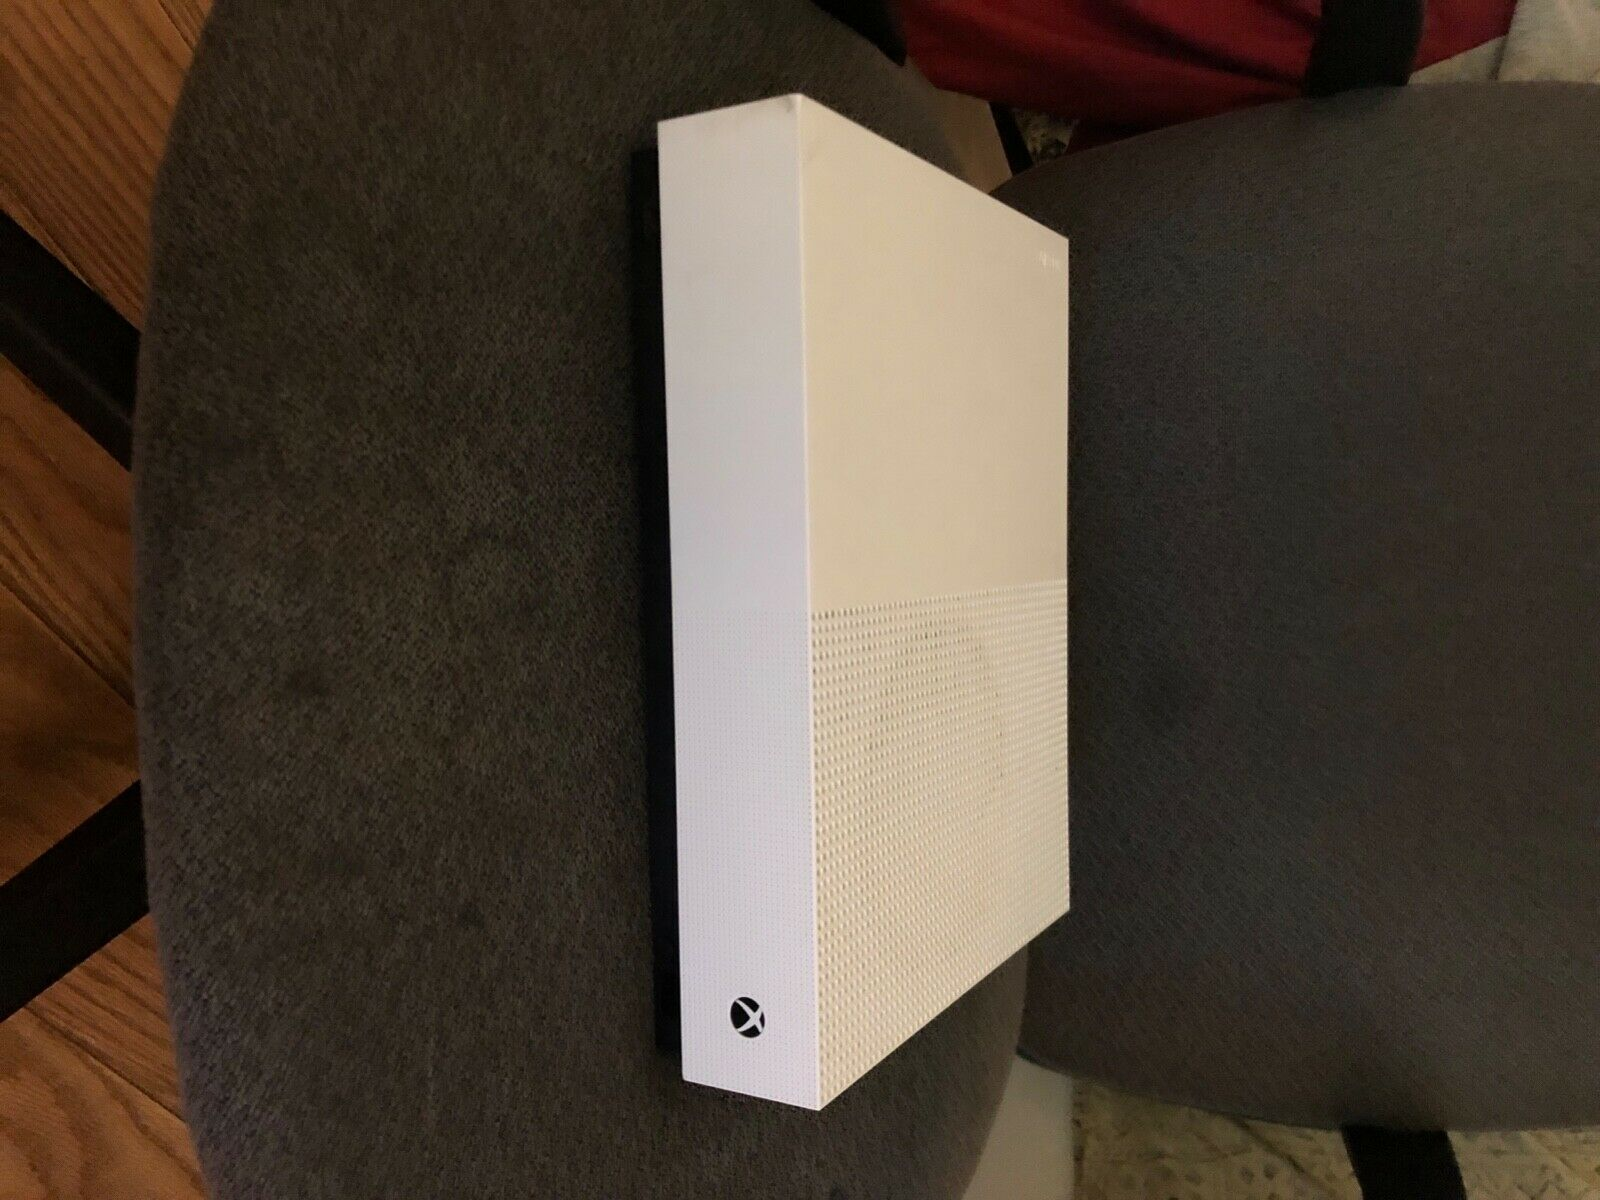 Microsoft Xbox One S 1TB White Console - $182.50